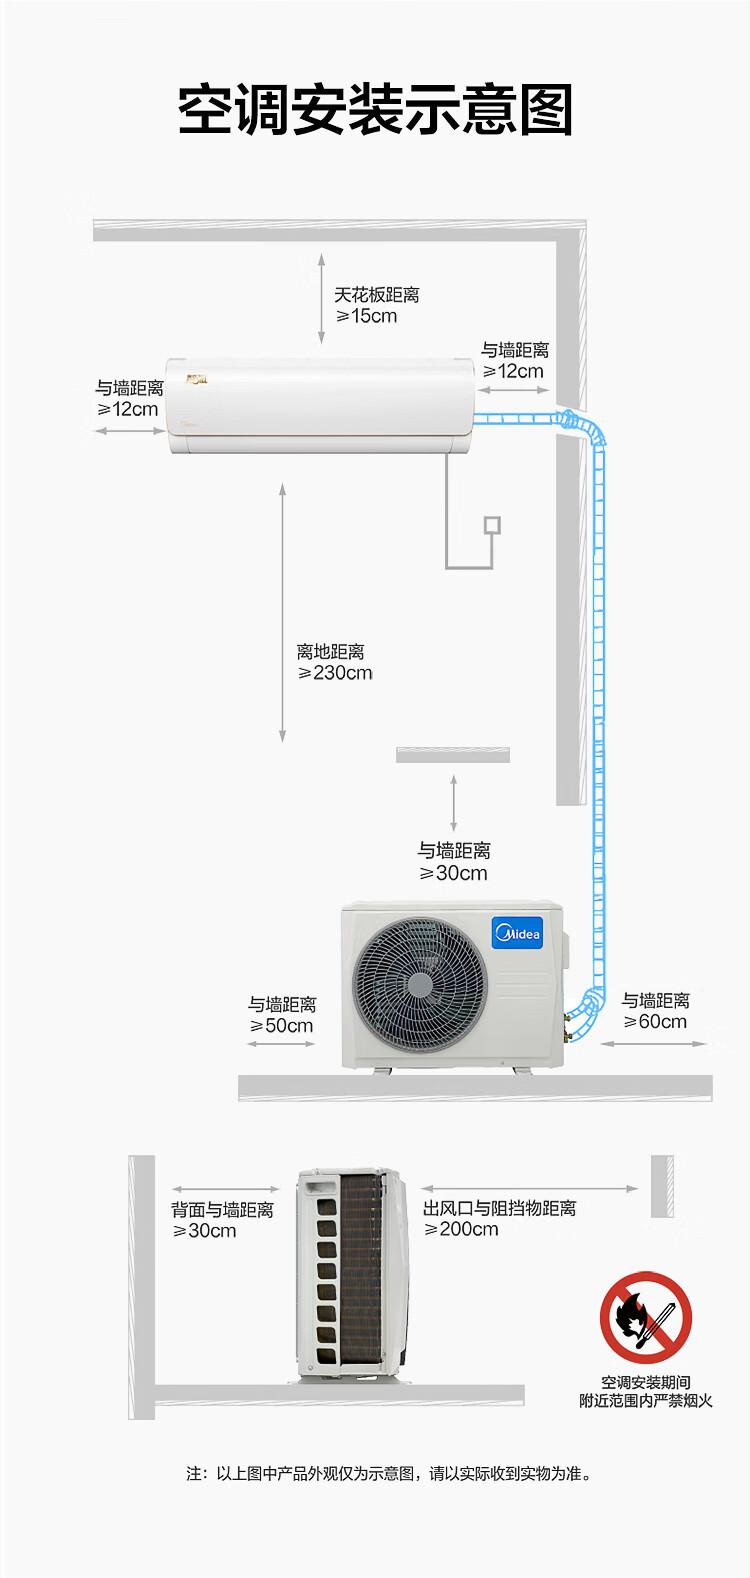 美的KFR-26GW/WDAD3(智弧壁掛式1P空調)產品介紹: